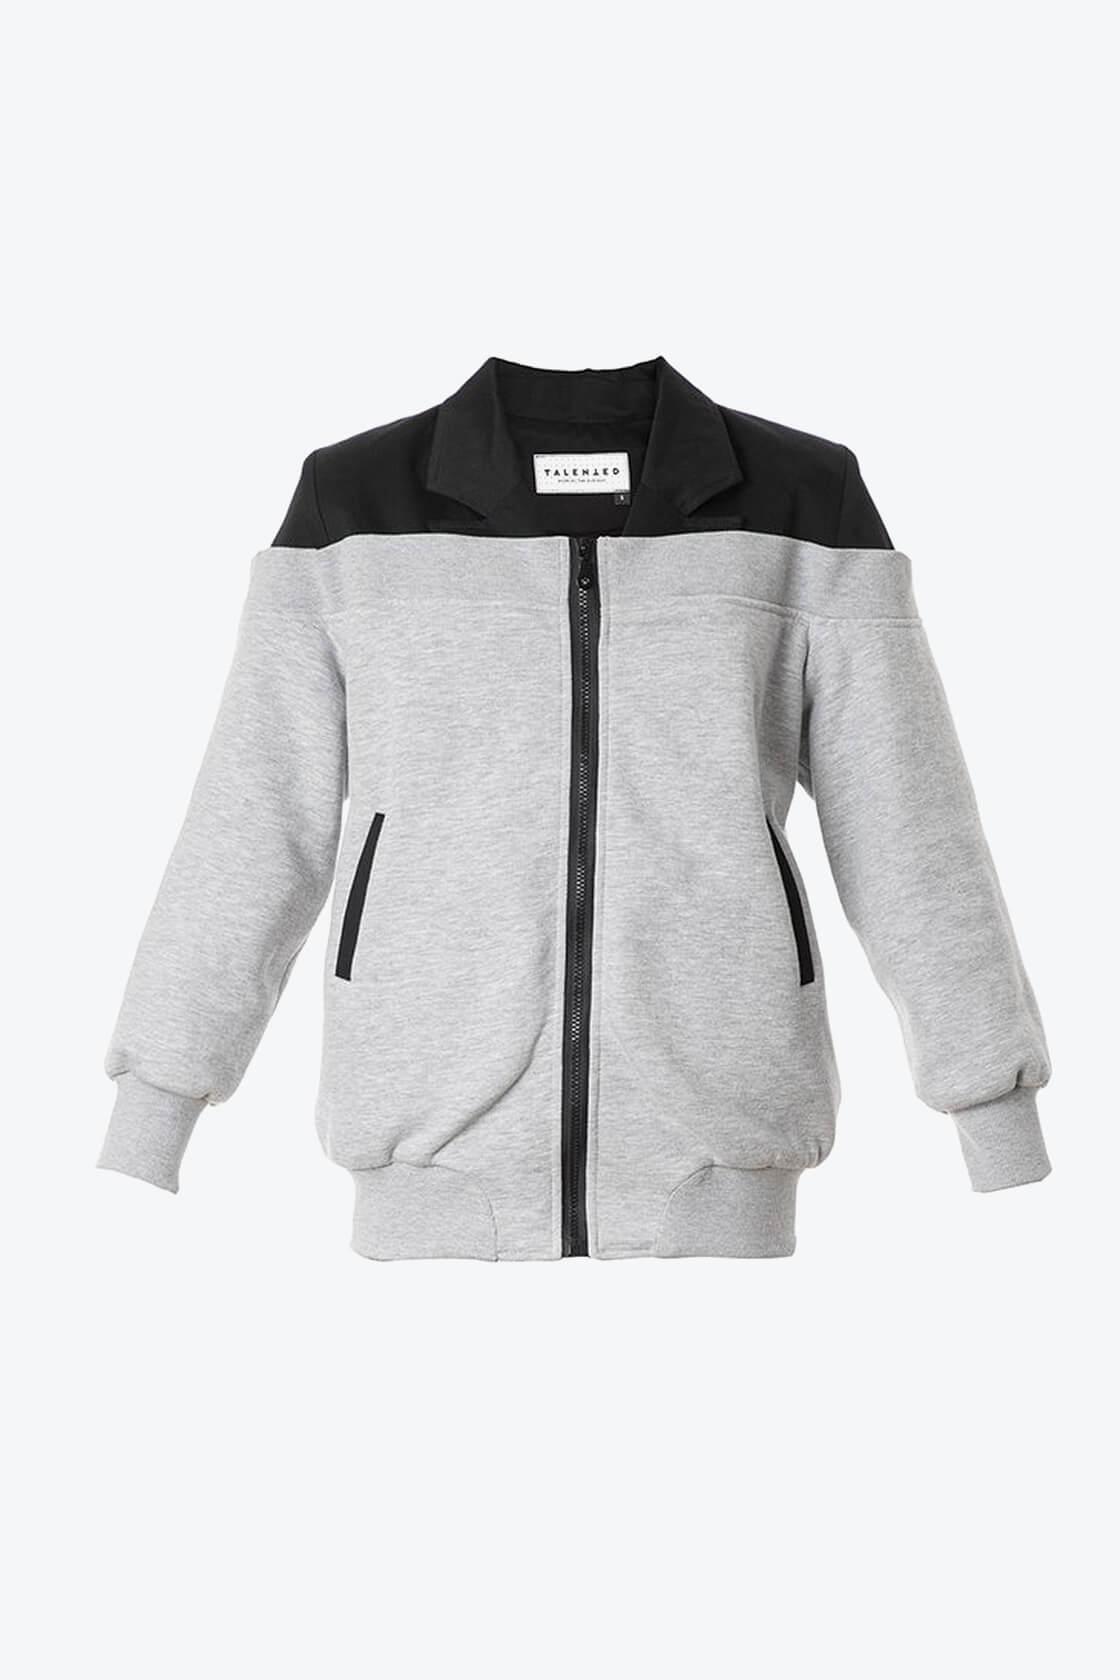 OL10000185 Blazer bomber jacket1